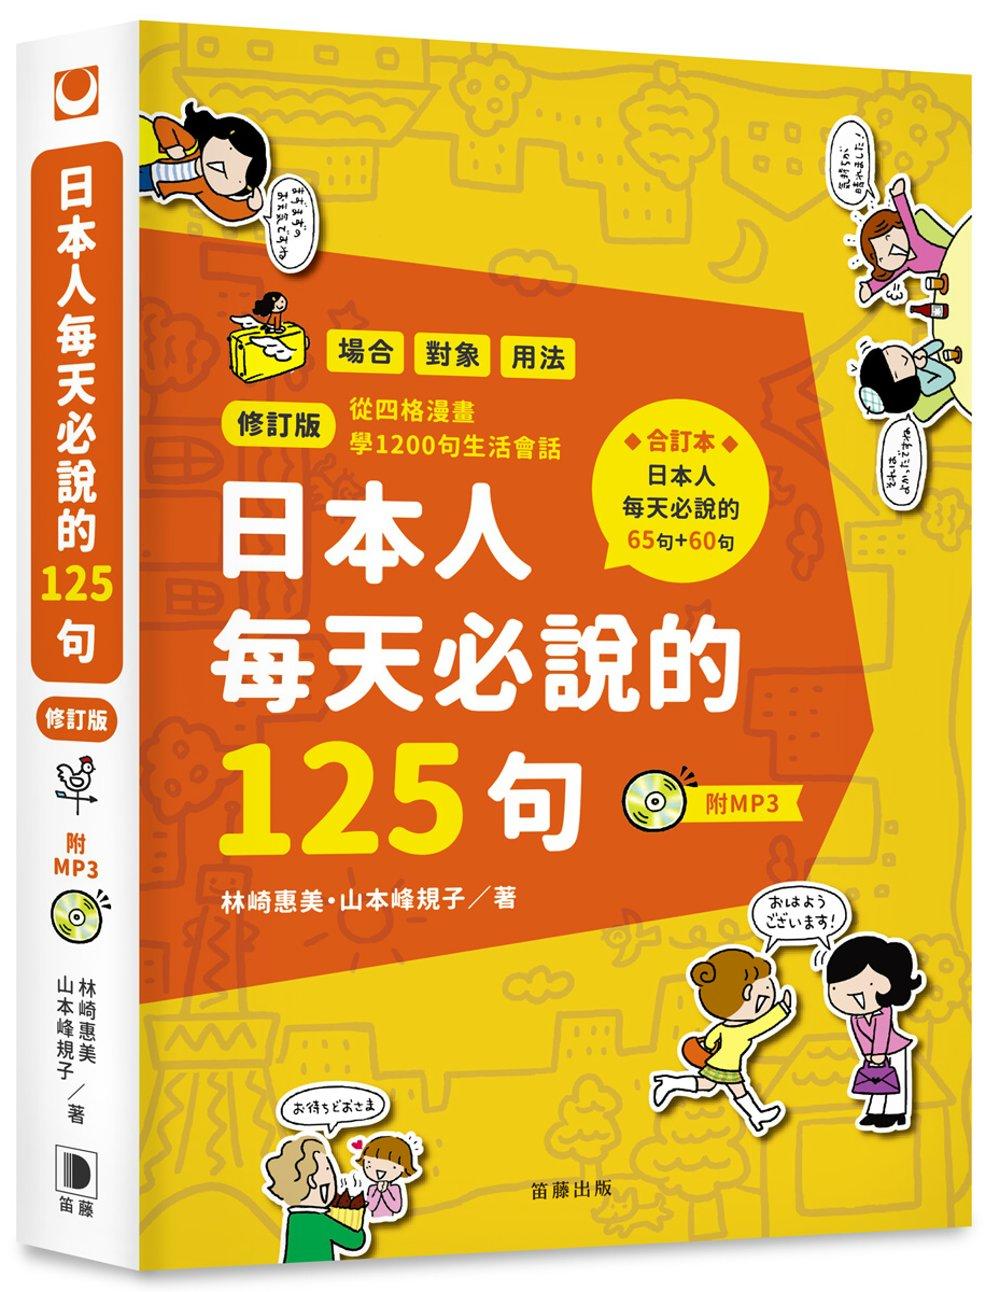 日本人每天必說的125句(修訂版)